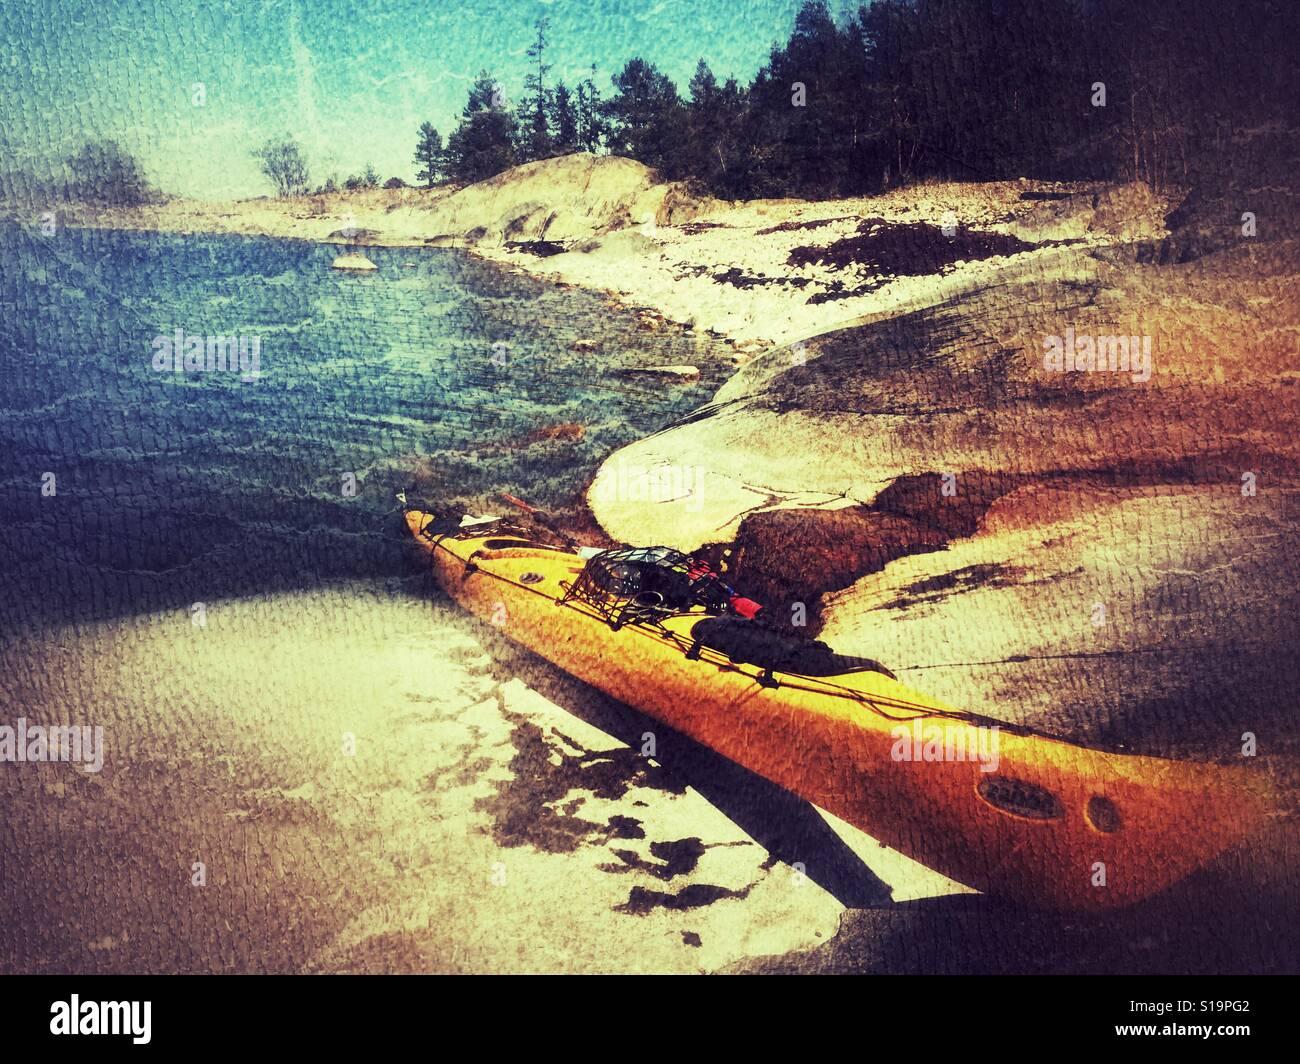 Kodiak Prijon Kayak dans l'archipel de Roslagen Stockholm en Suède. Banque D'Images